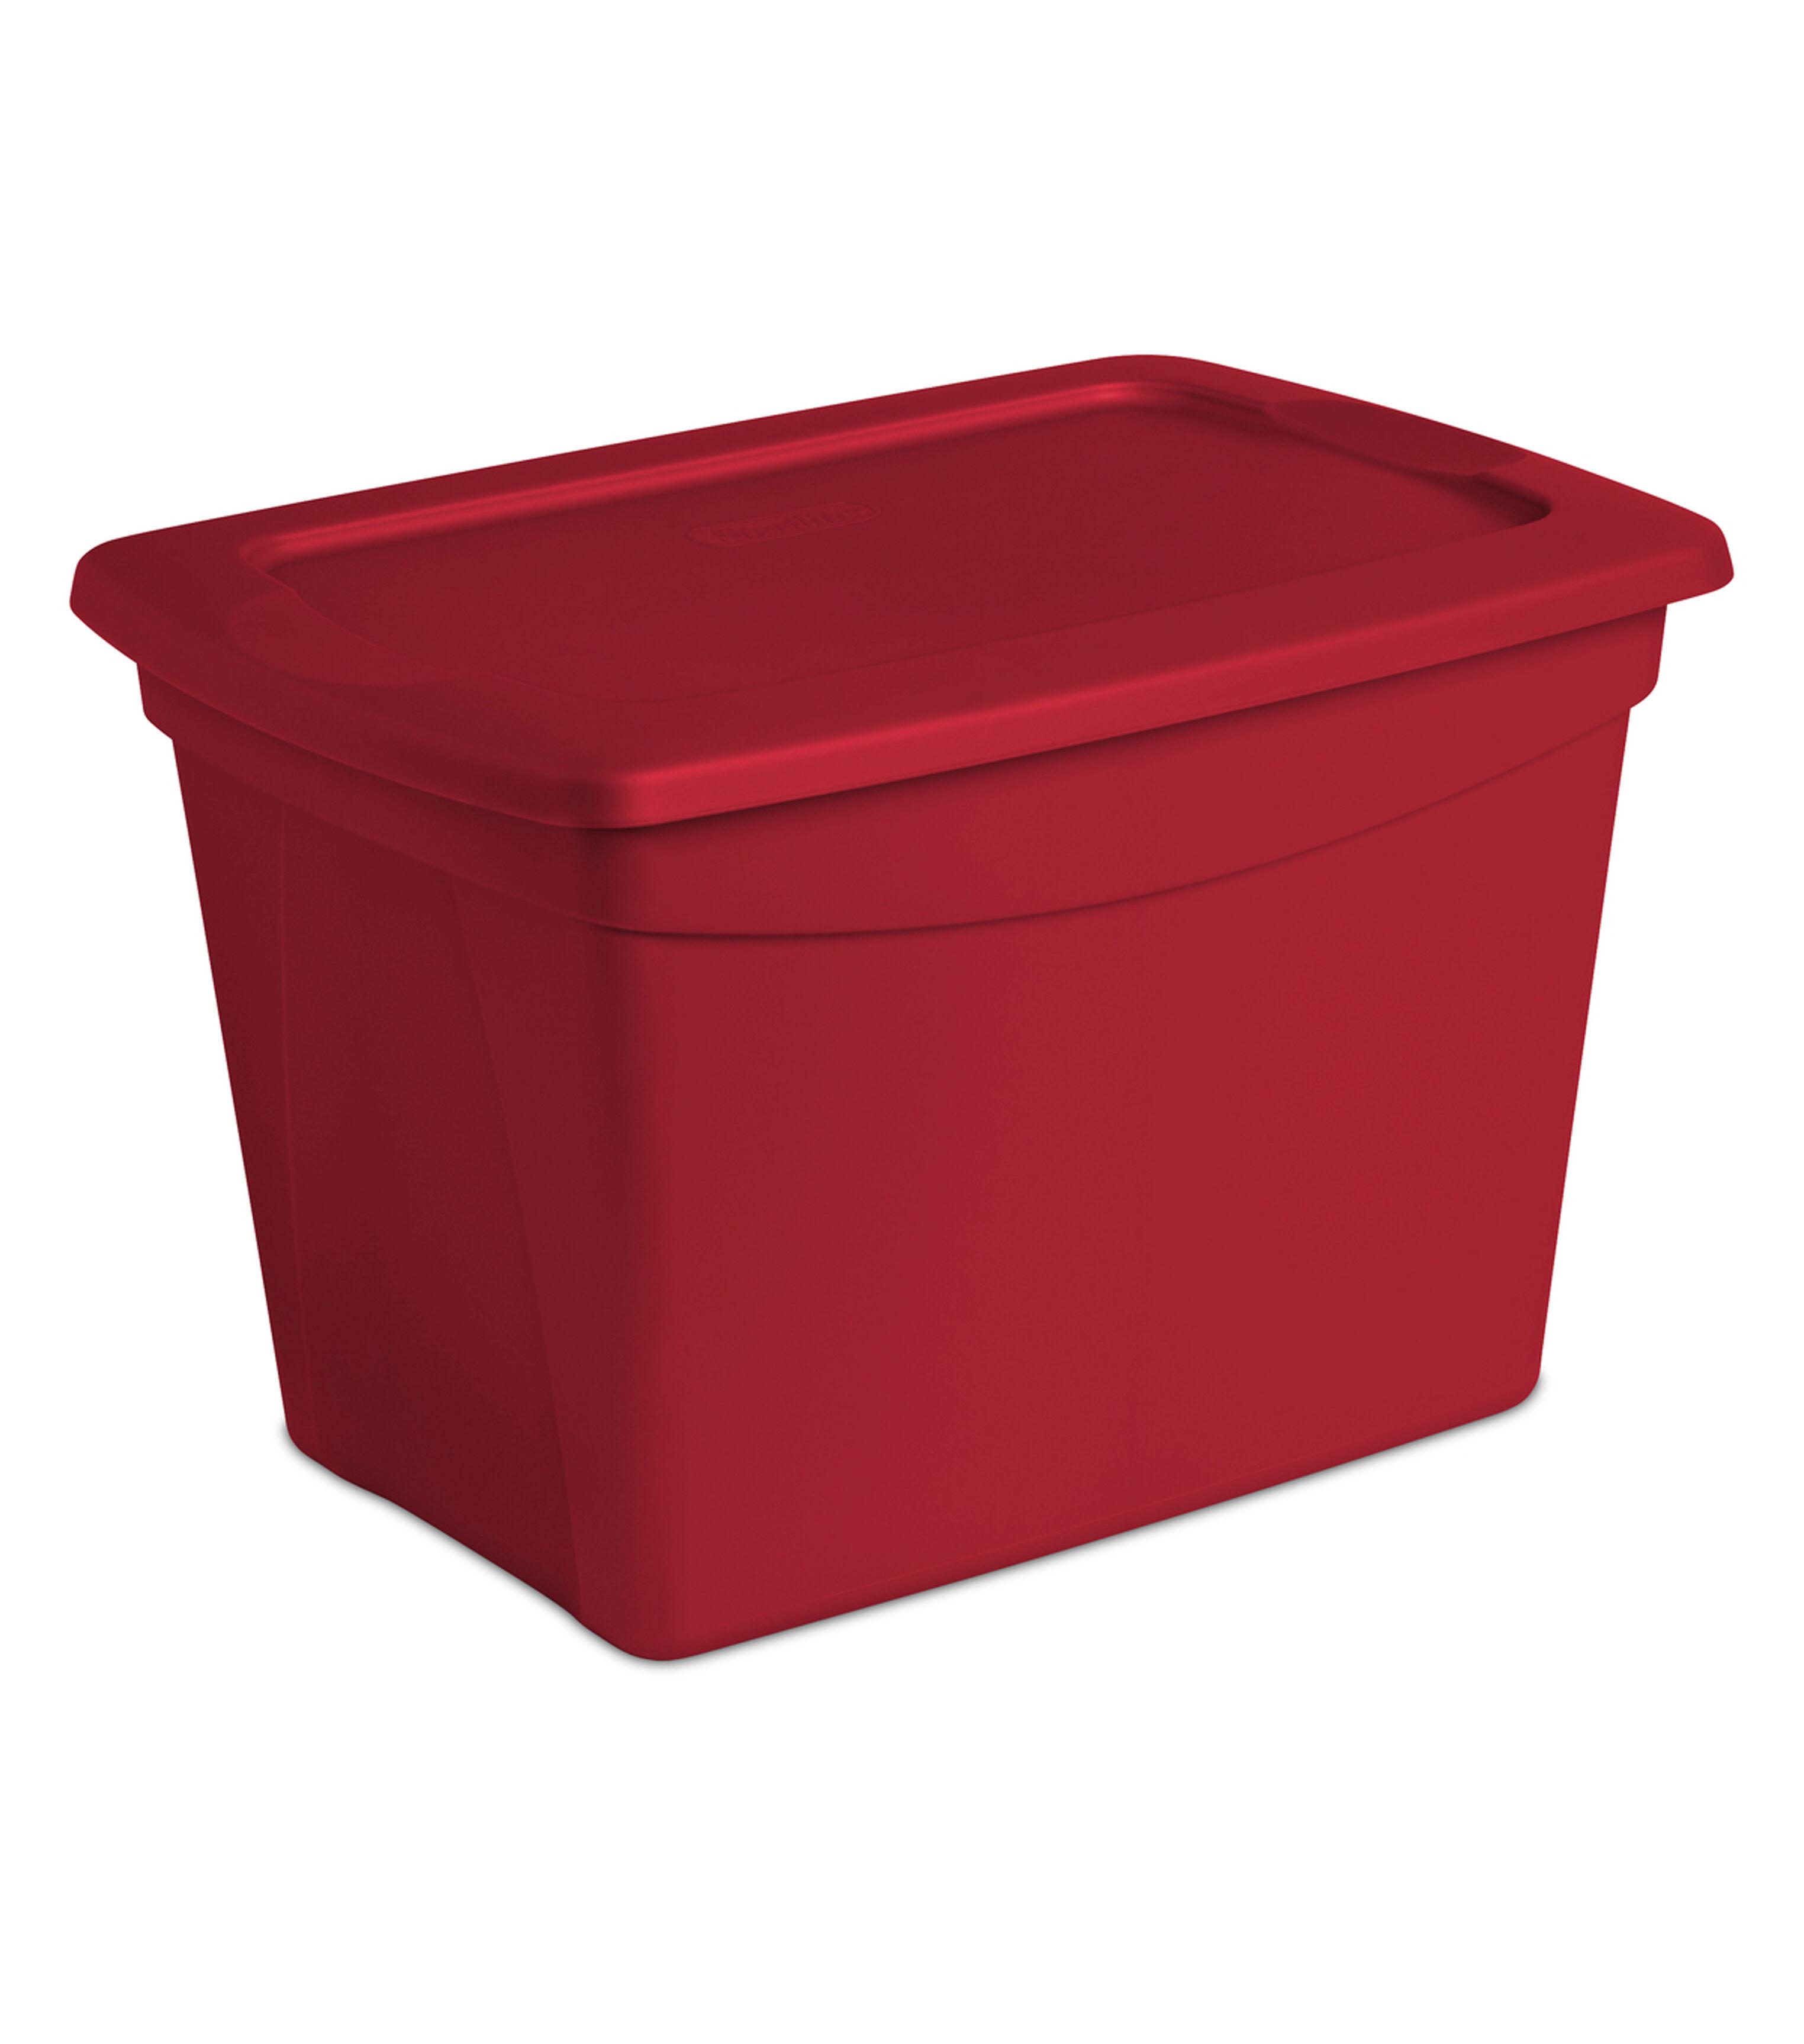 Tote Storage Box 10 Gallon